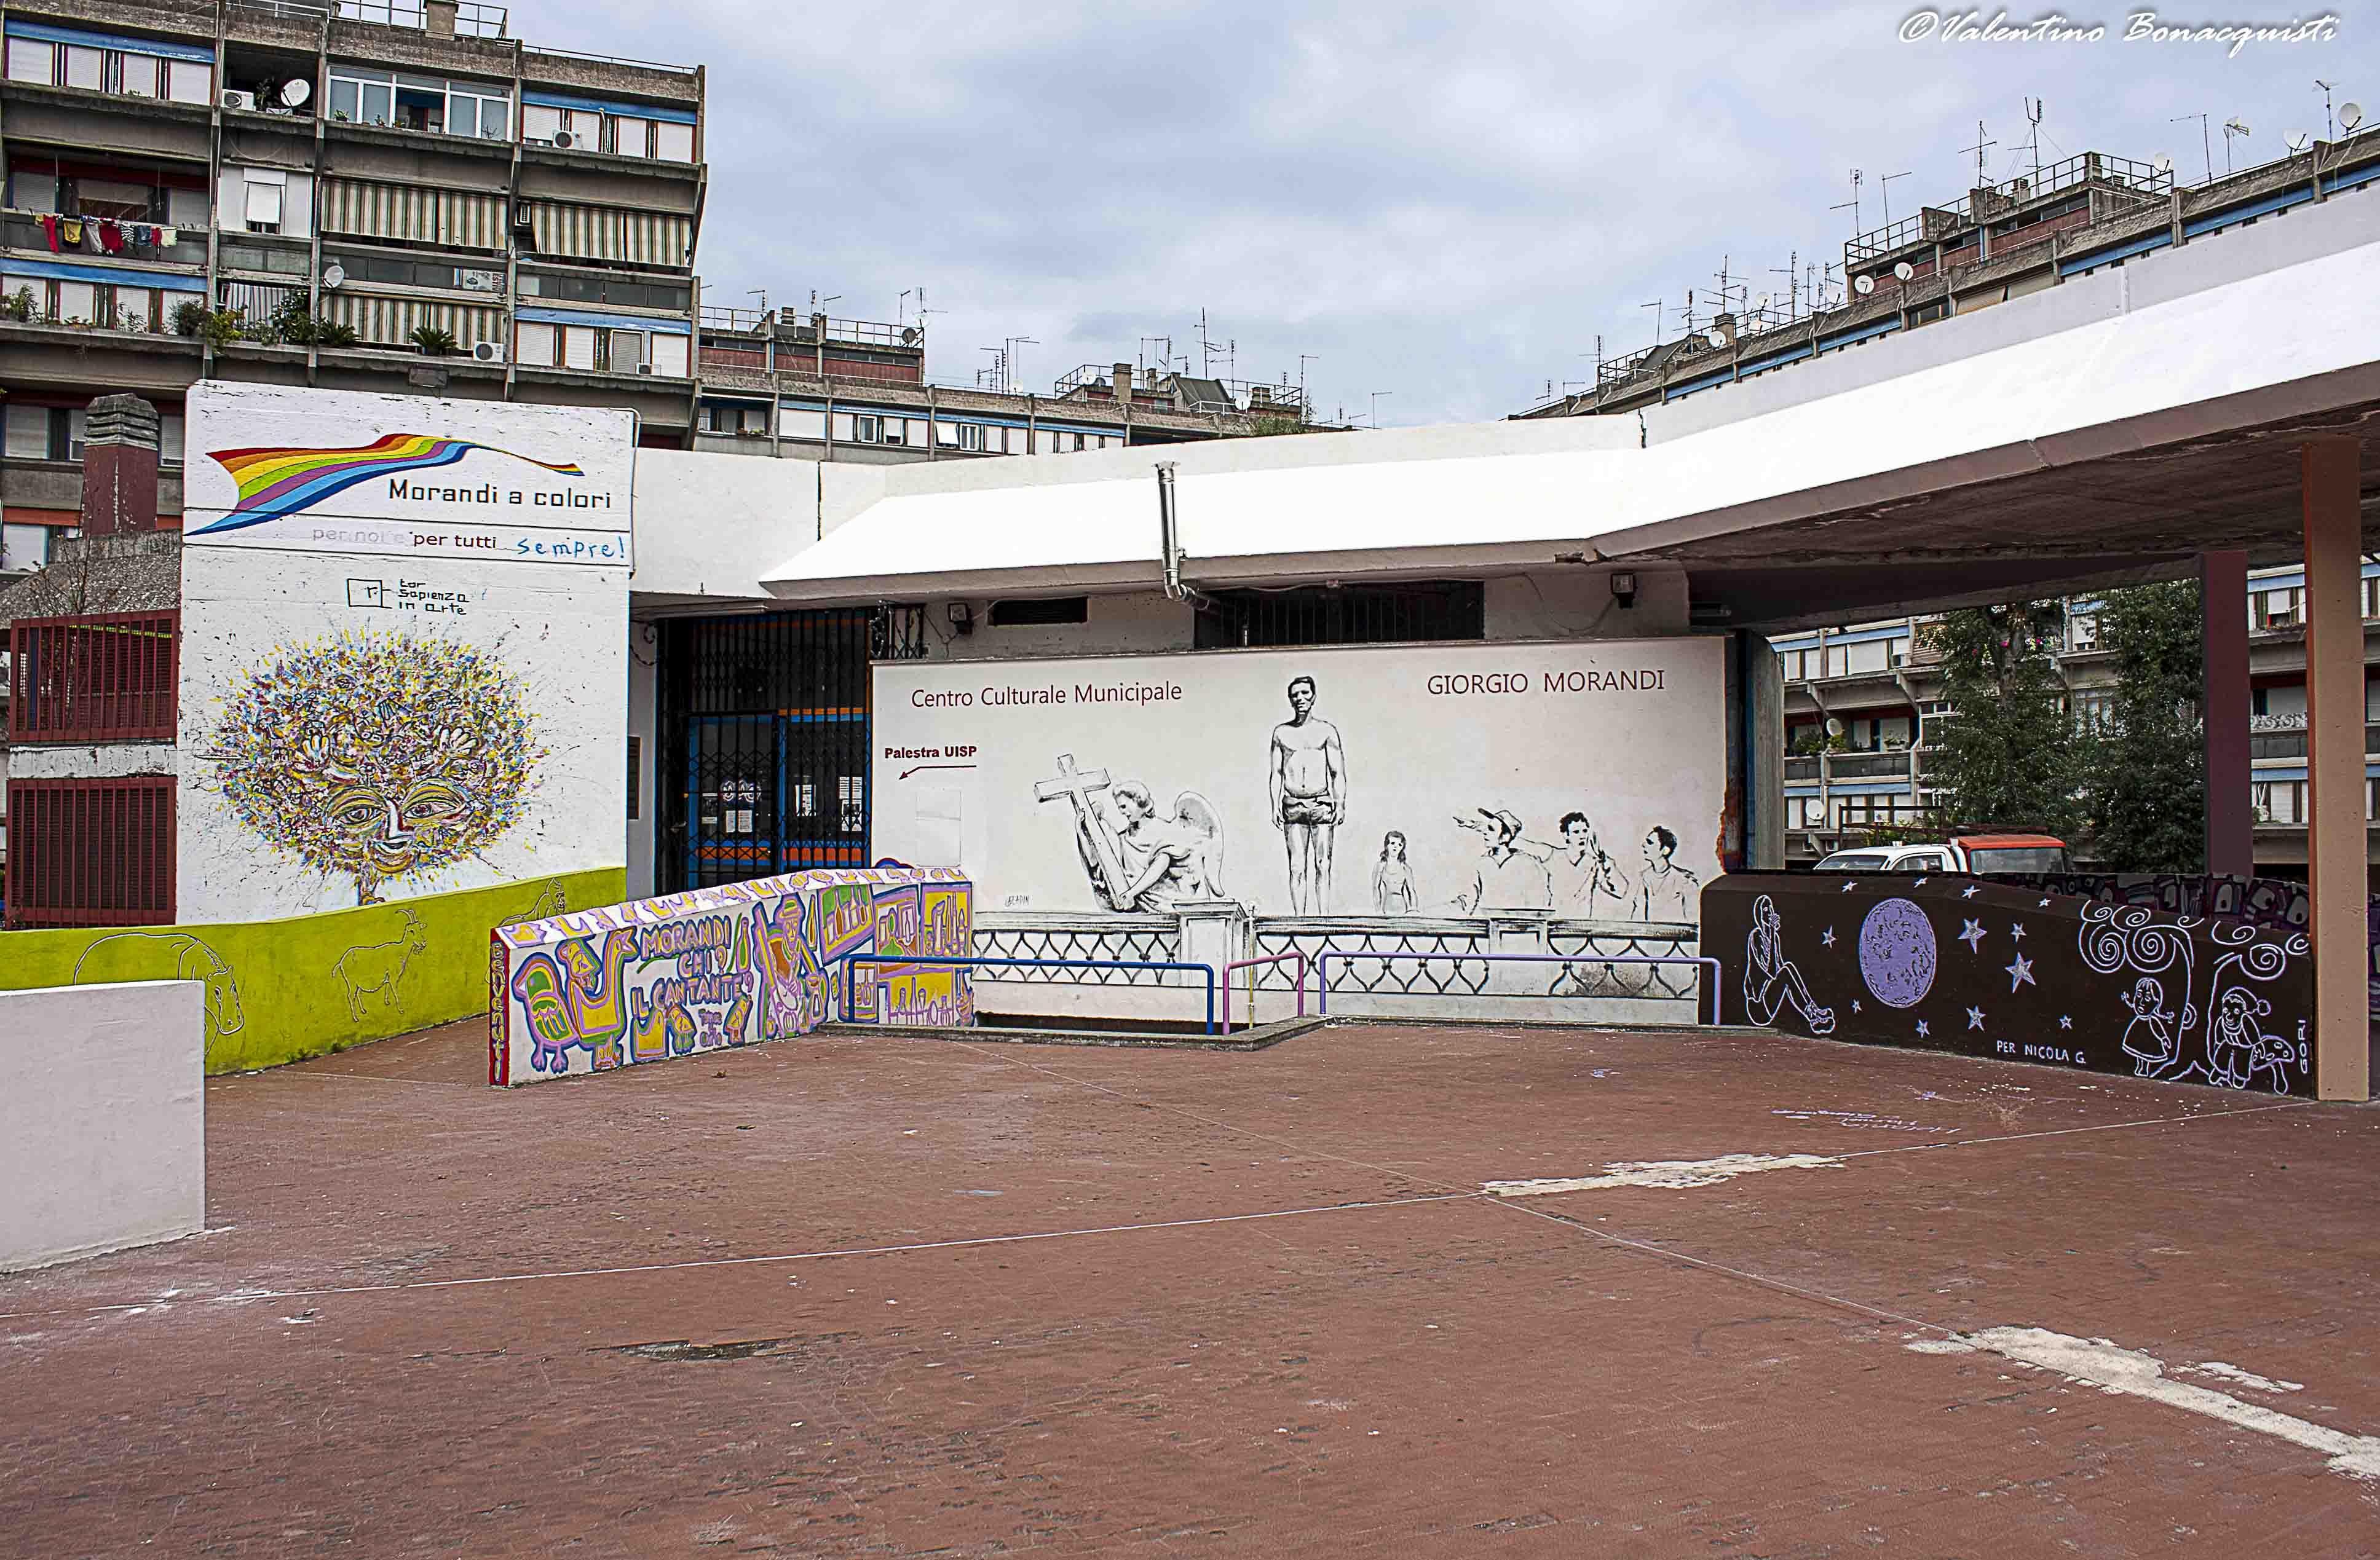 中国 罗马/这是花园庭院的内景,经常会组织小孩进行艺术墙绘活动。